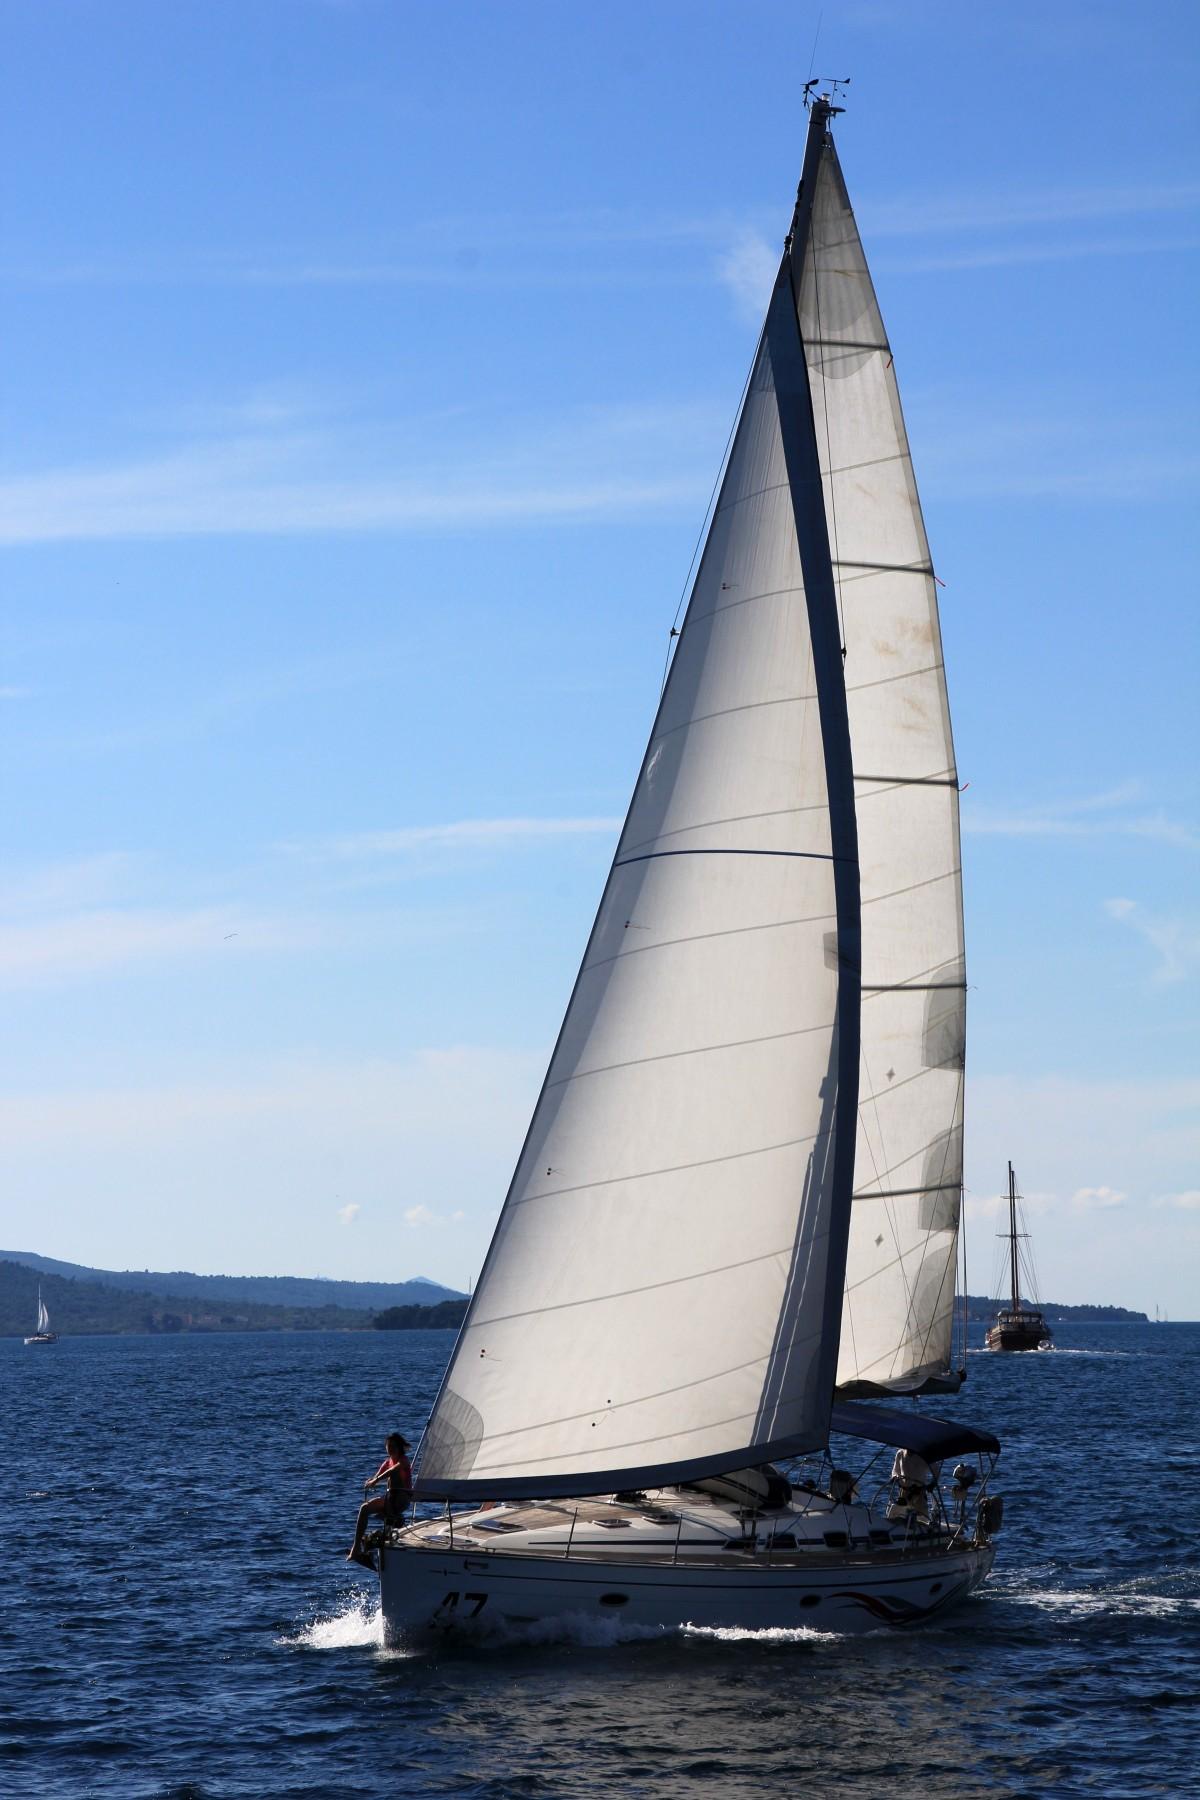 Images Gratuites Mer Navire V 233 Hicule M 226 T Yacht Bleu